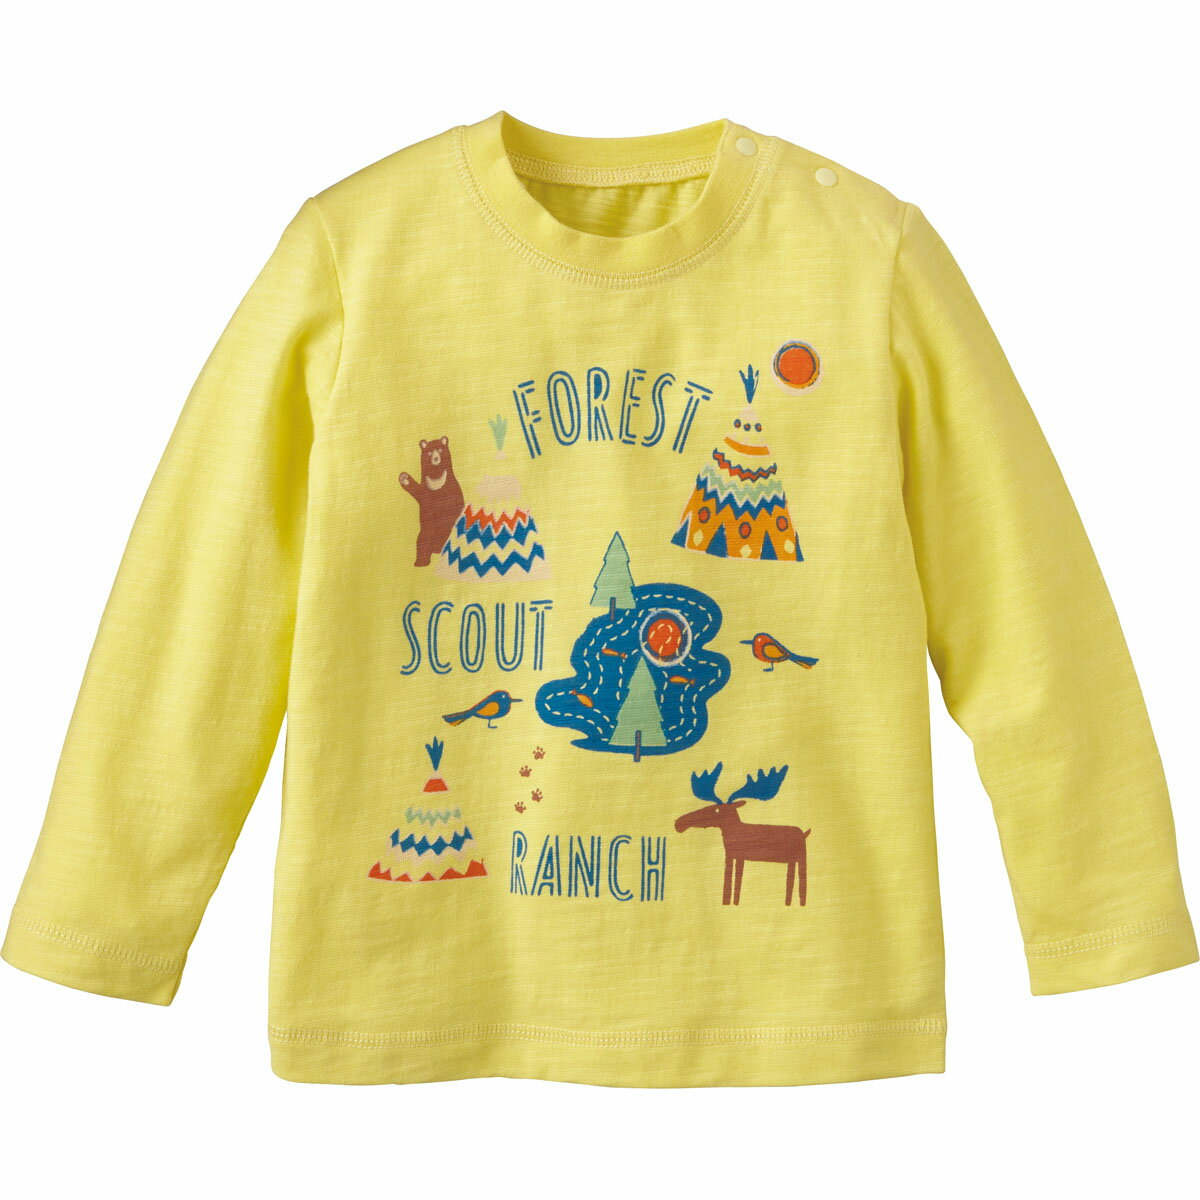 【40%OFF】Tシャツ(グランピング)《コンビミニ》ギフト ベビー服 子供服 Combi mini トップス_gp 男の子 女の子 長袖_Pup